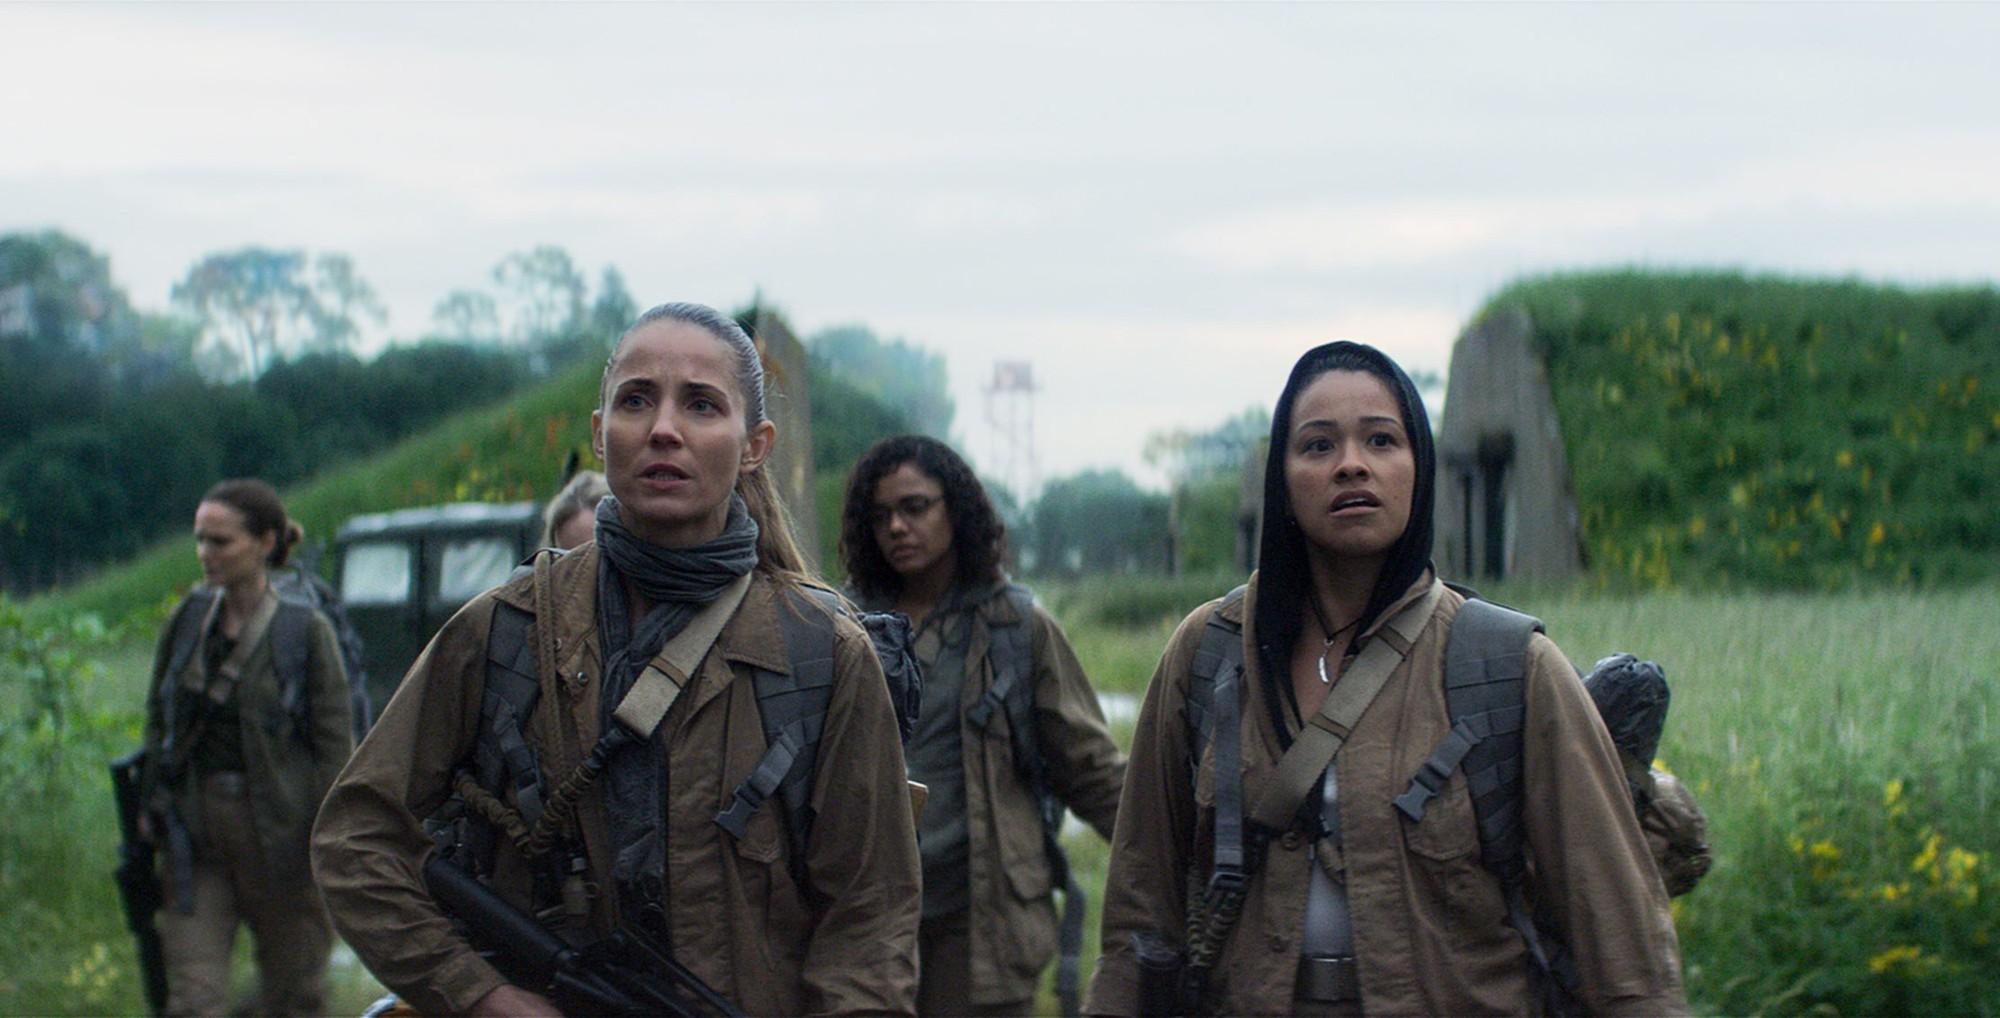 Nhường vị trí cho những bộ phim gây tranh cãi, Oscar 2019 đã ngó lơ 5 tác phẩm xuất sắc thế này đây! - Ảnh 3.